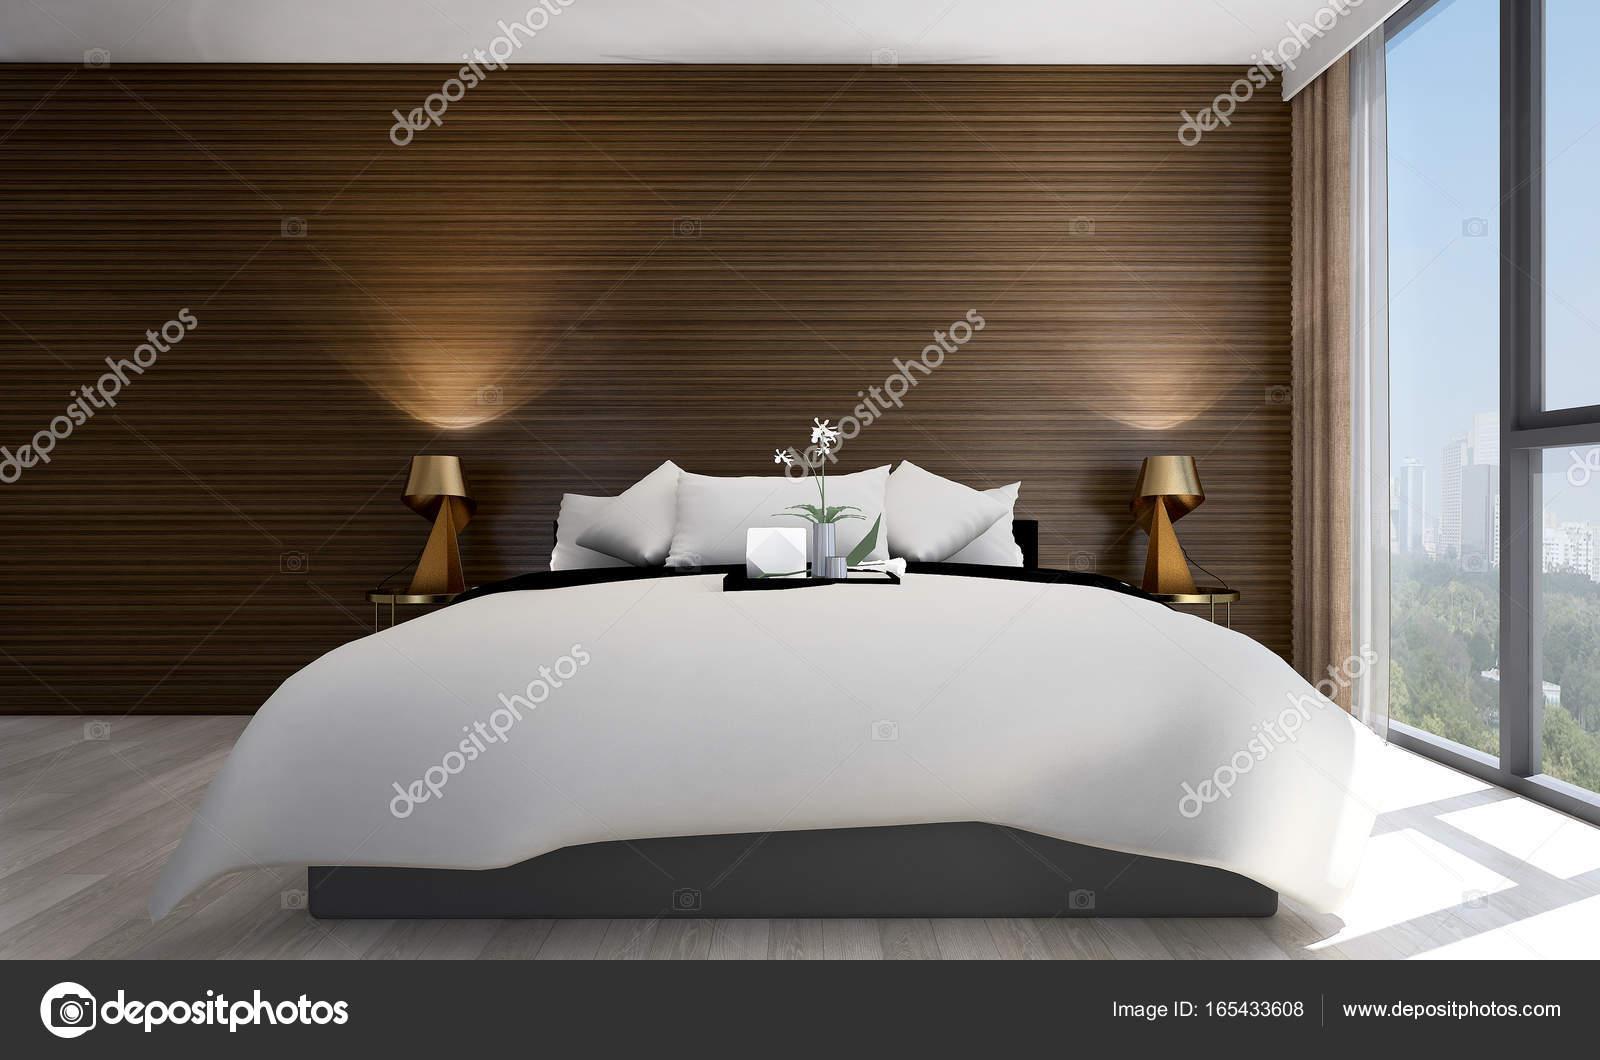 Luxe Interieur Ontwerp : De luxe slaapkamer interieurontwerp en hout textuur en appartement